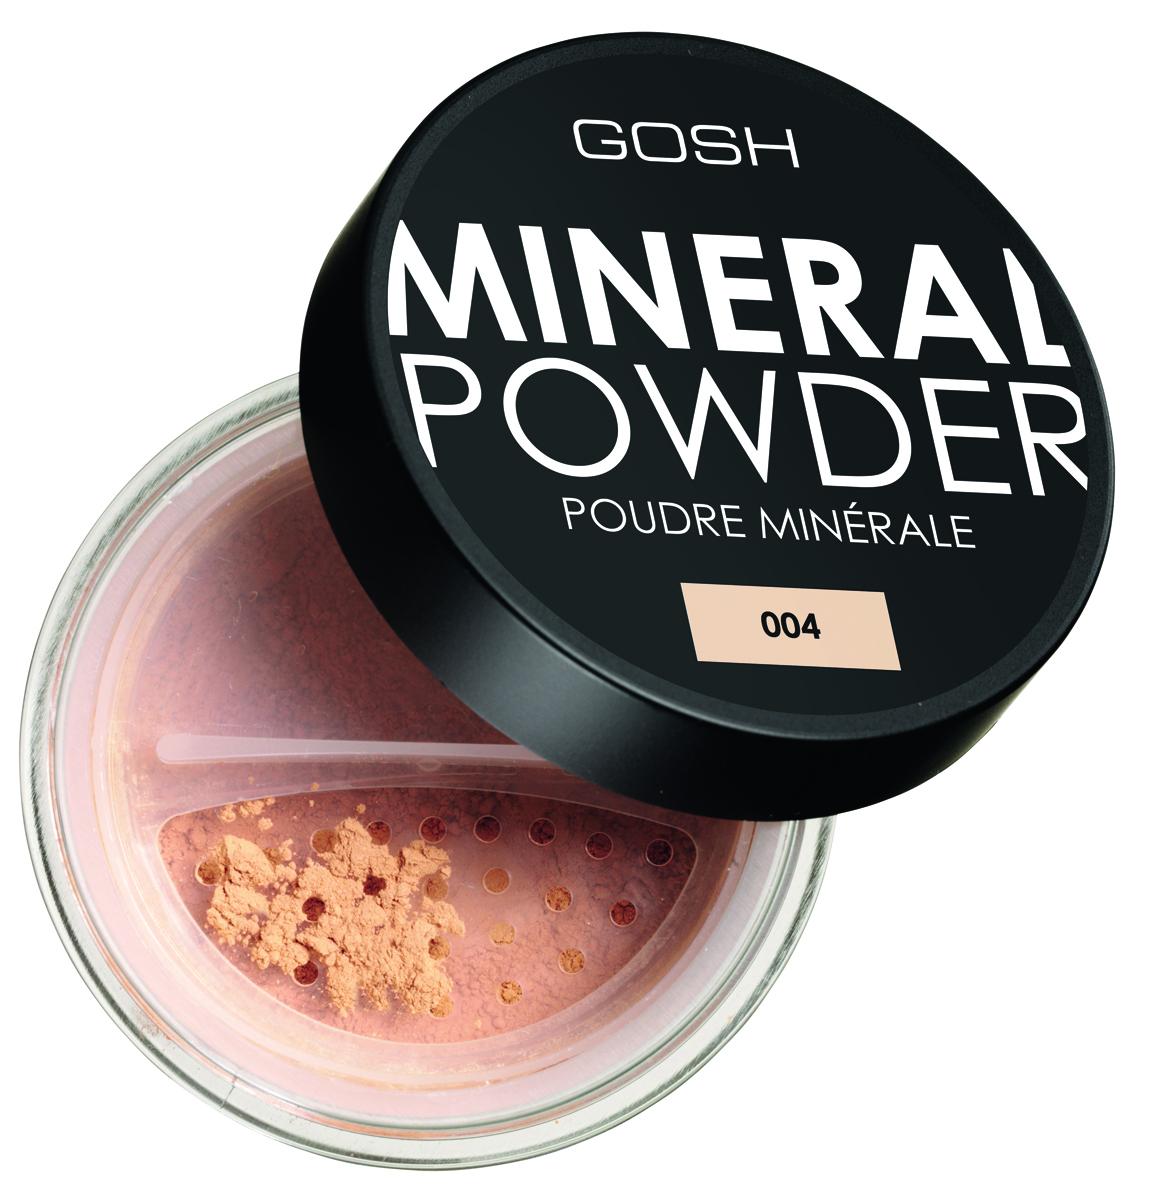 Gosh, Пудра рассыпчатая минеральная для лица Mineral Powder, 8 г, 004